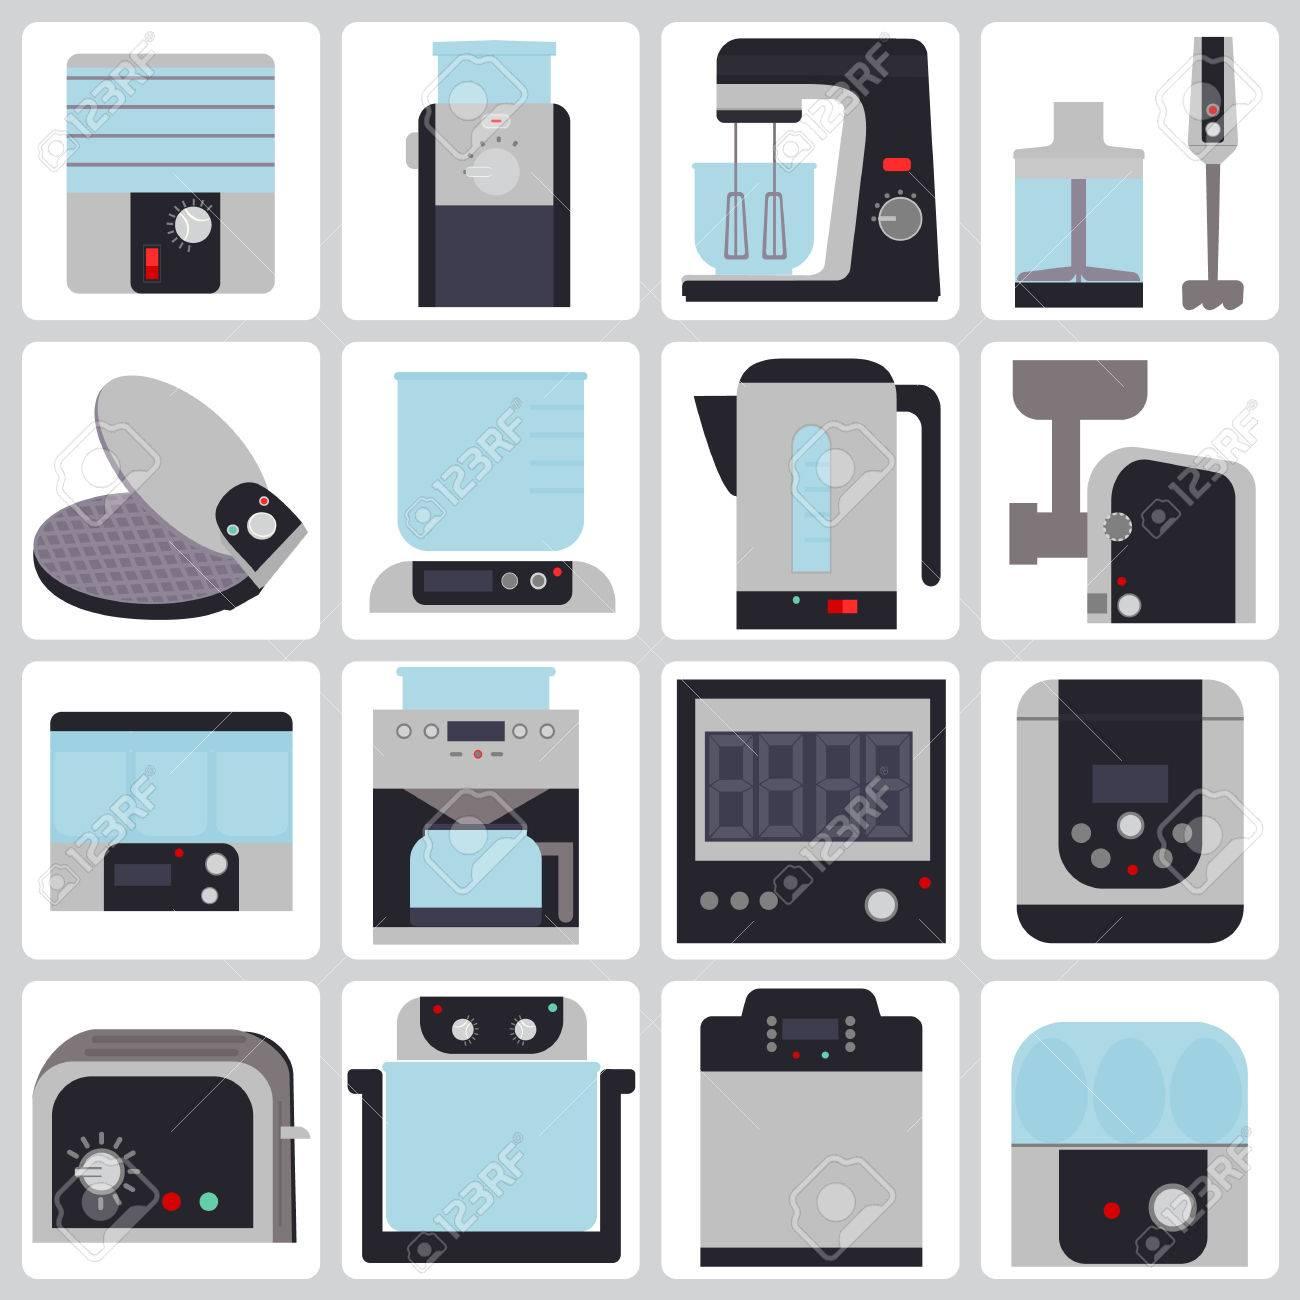 Stunning Elettrodomestici Per Cucinare Gallery - Embercreative.us ...